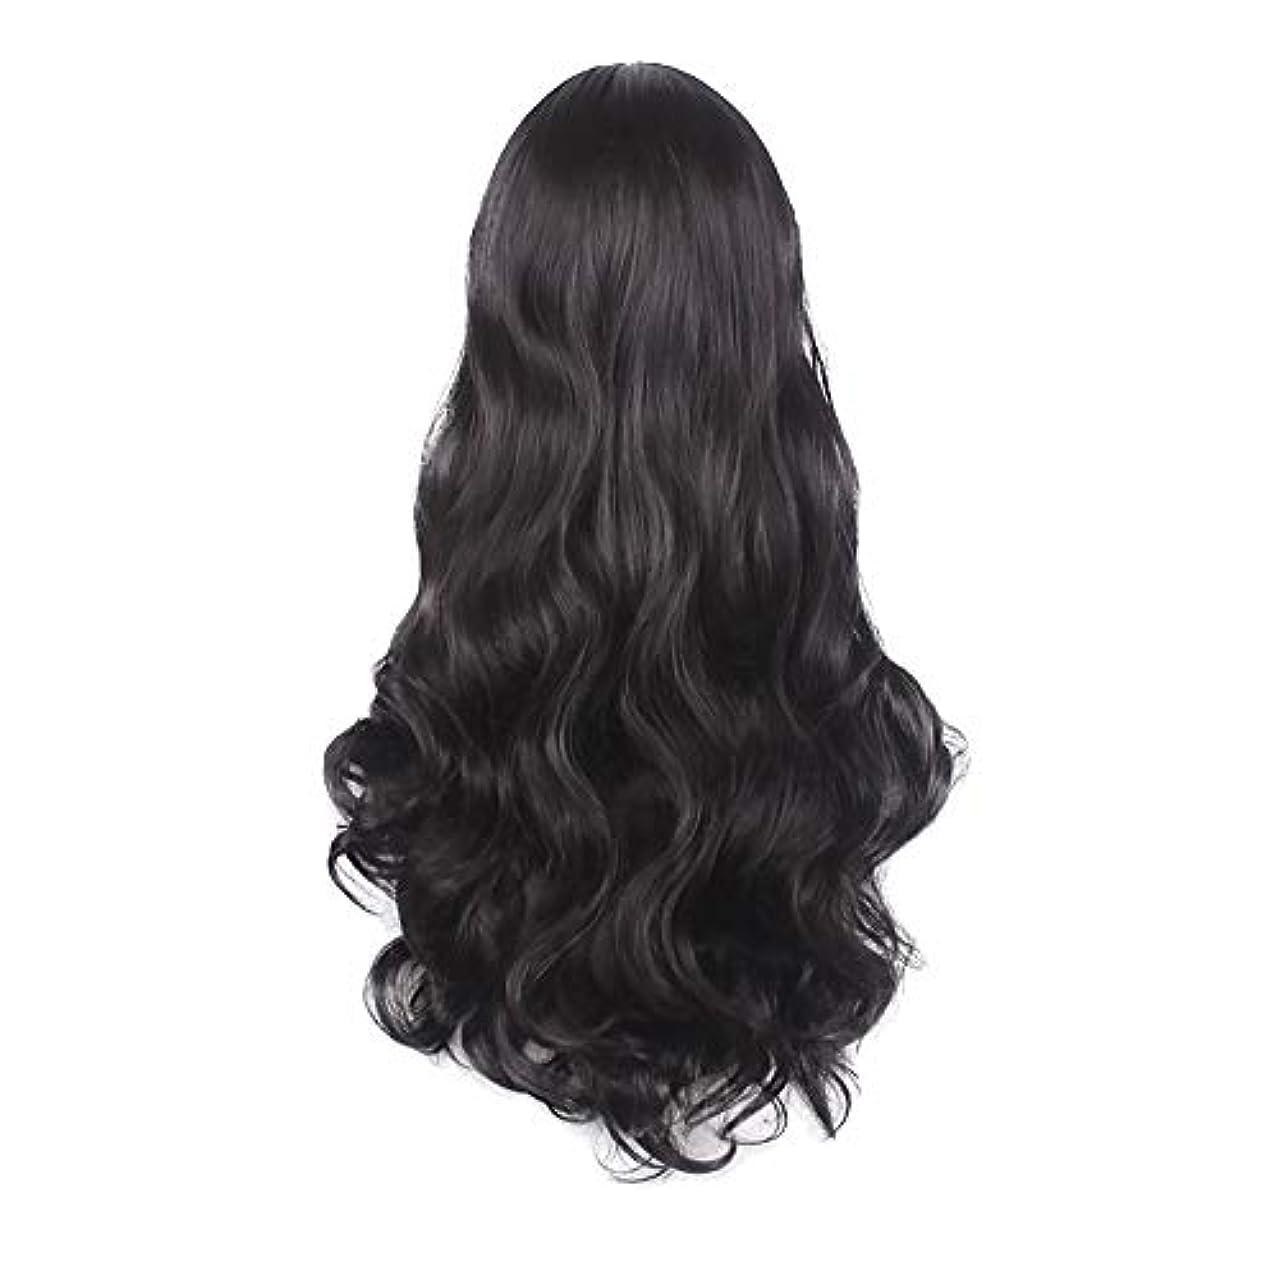 エラー三十厚さ女性の黒の長い波状の巻き毛のかつらパーティーCOS小道具かつらをかつら